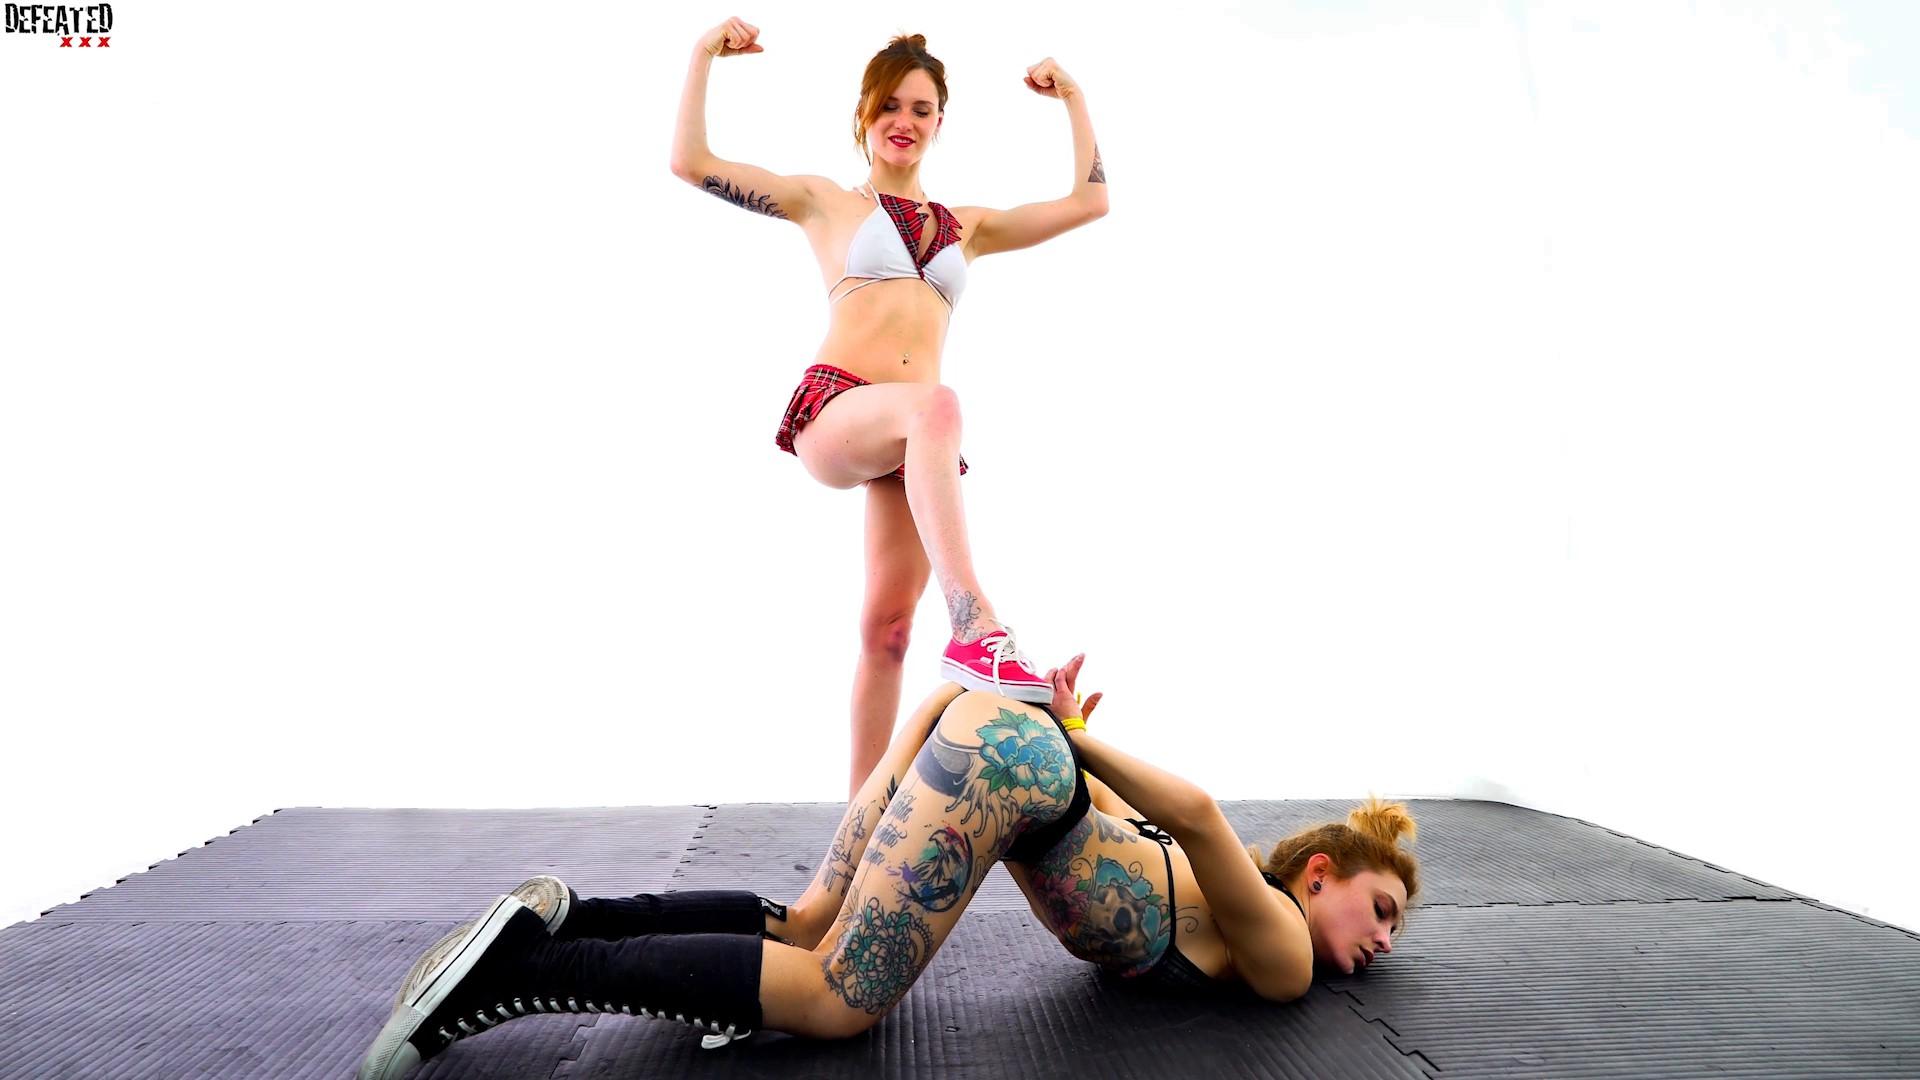 Meryl, The Wrestler